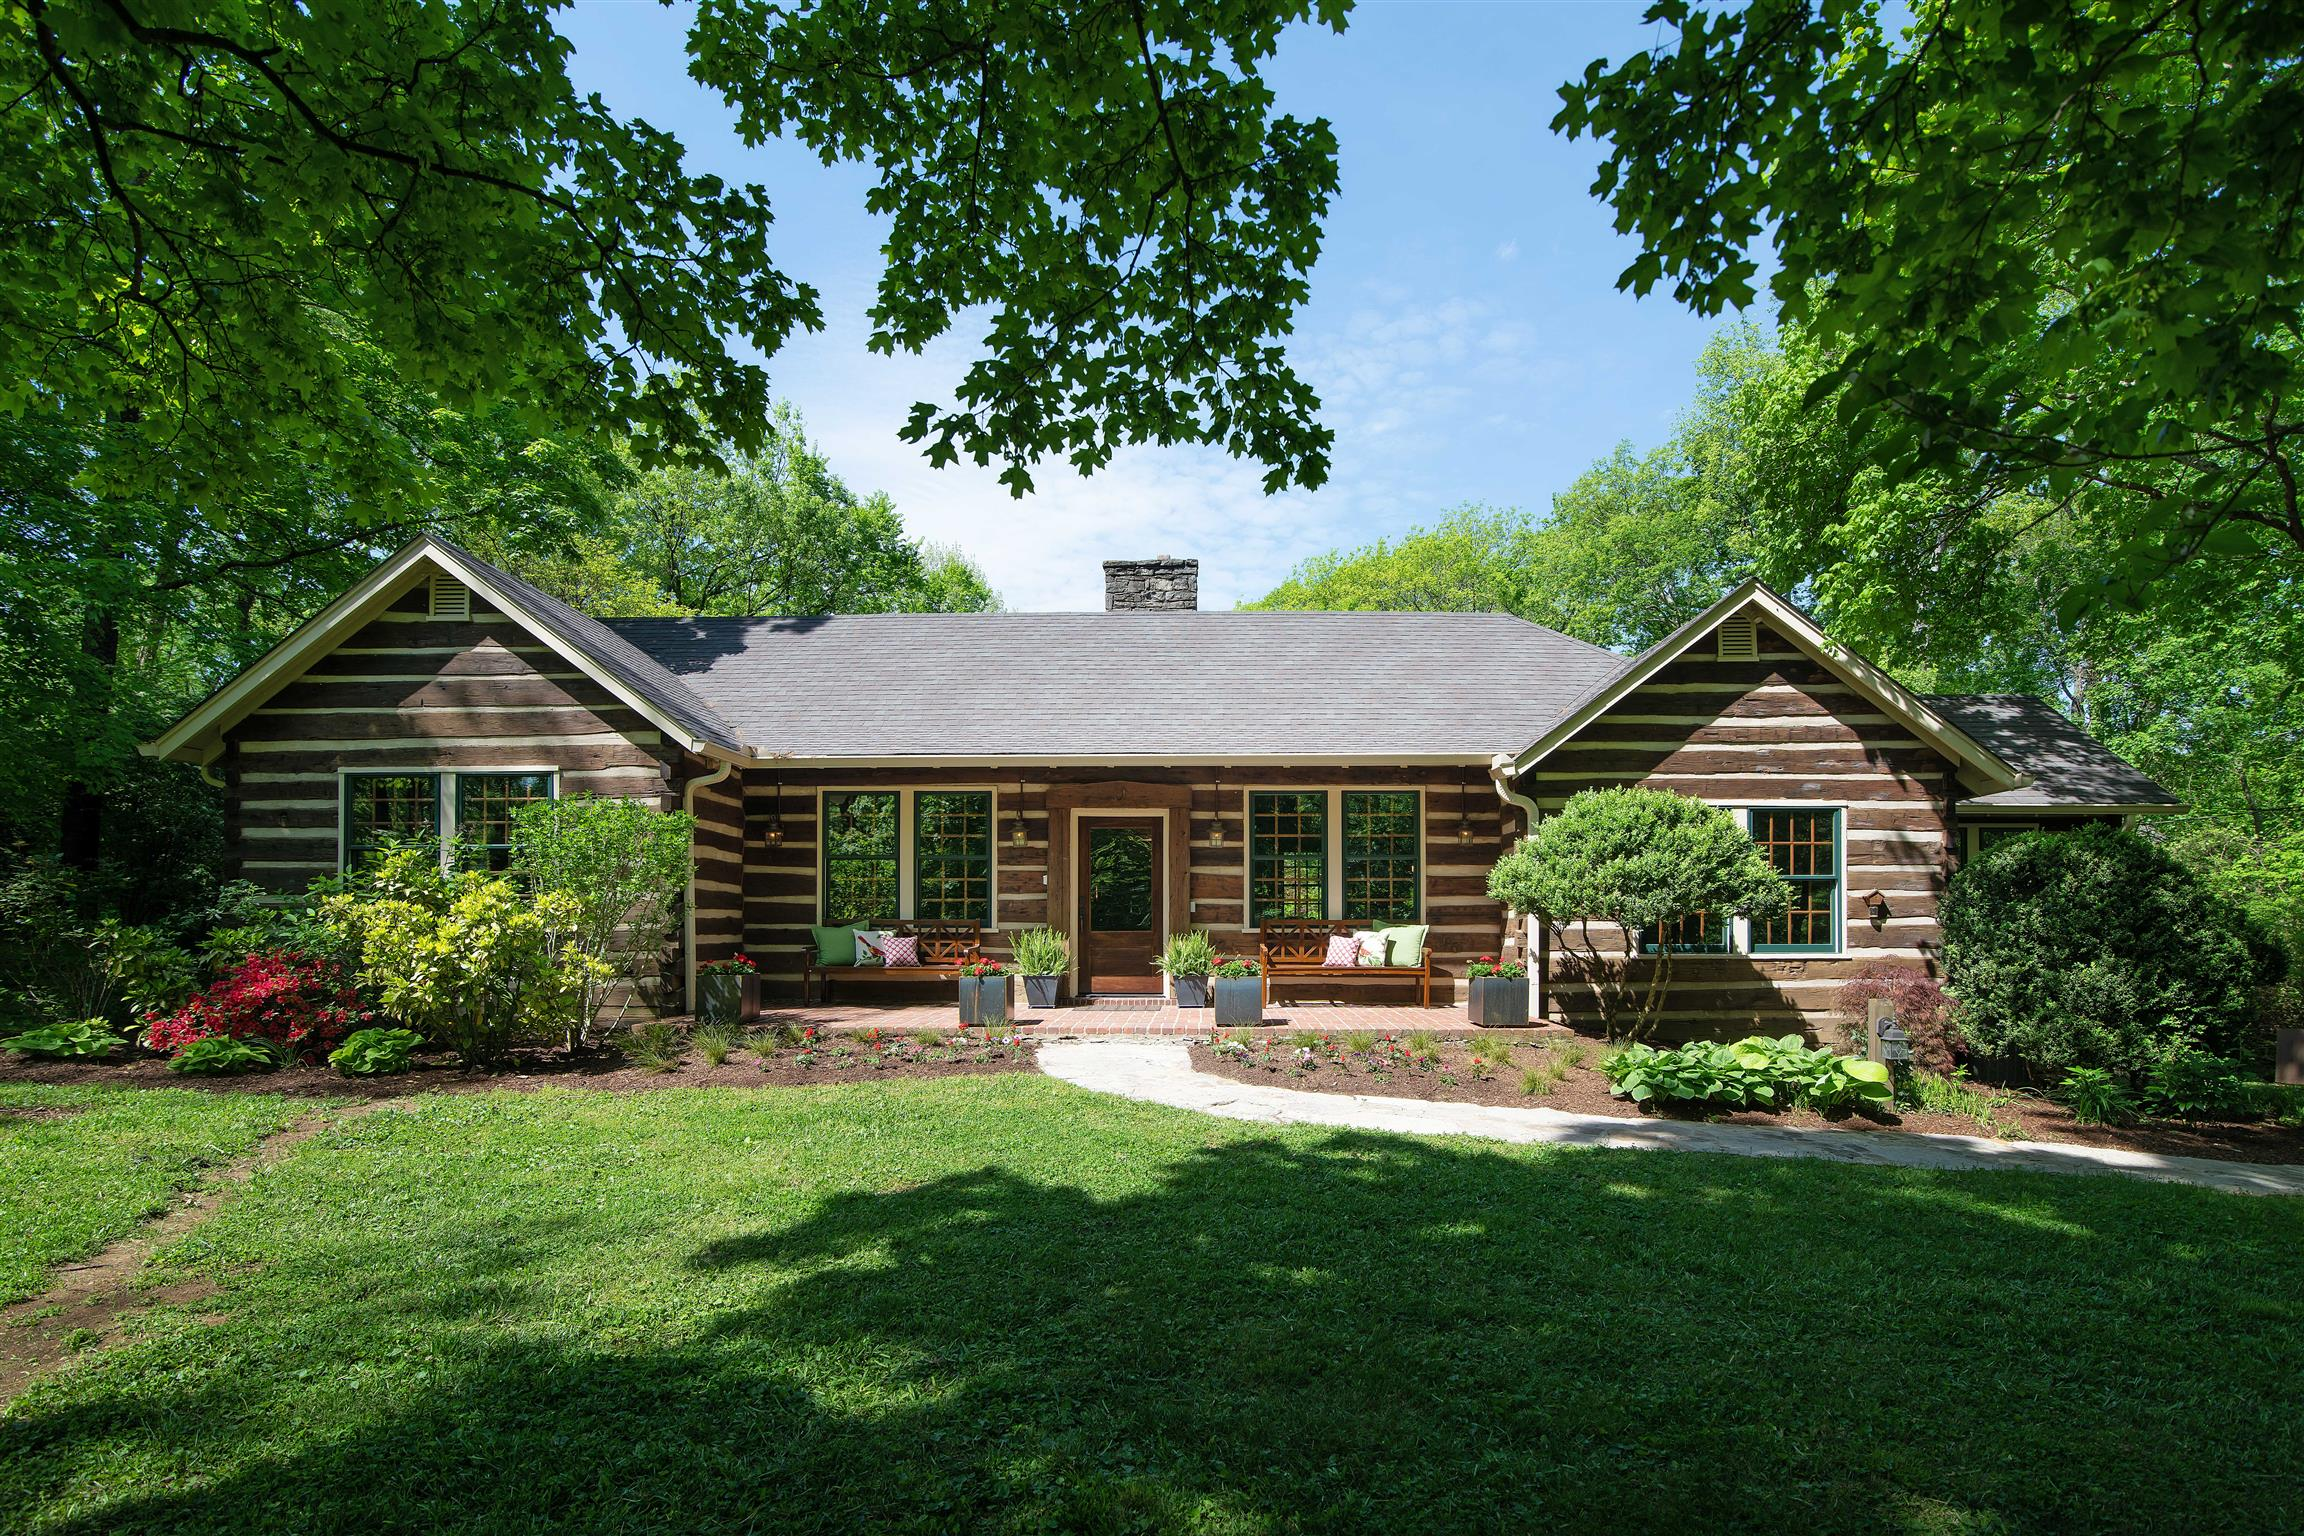 $1,529,000 - 3Br/4Ba -  for Sale in Belle Meade, Nashville